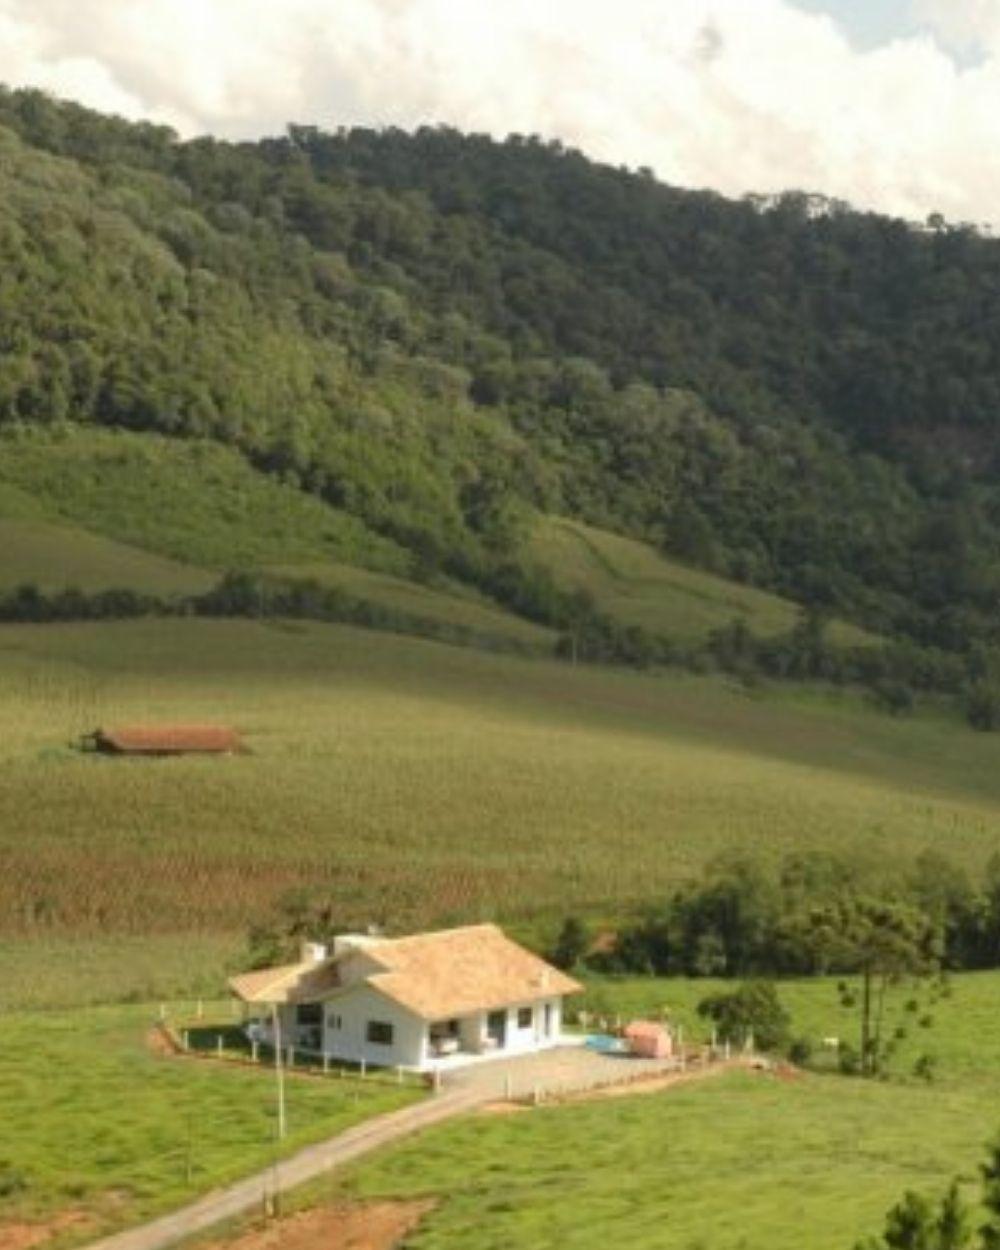 SC investirá R$ 2,3 mi na regularização fundiária de 9.500 imóveis rurais